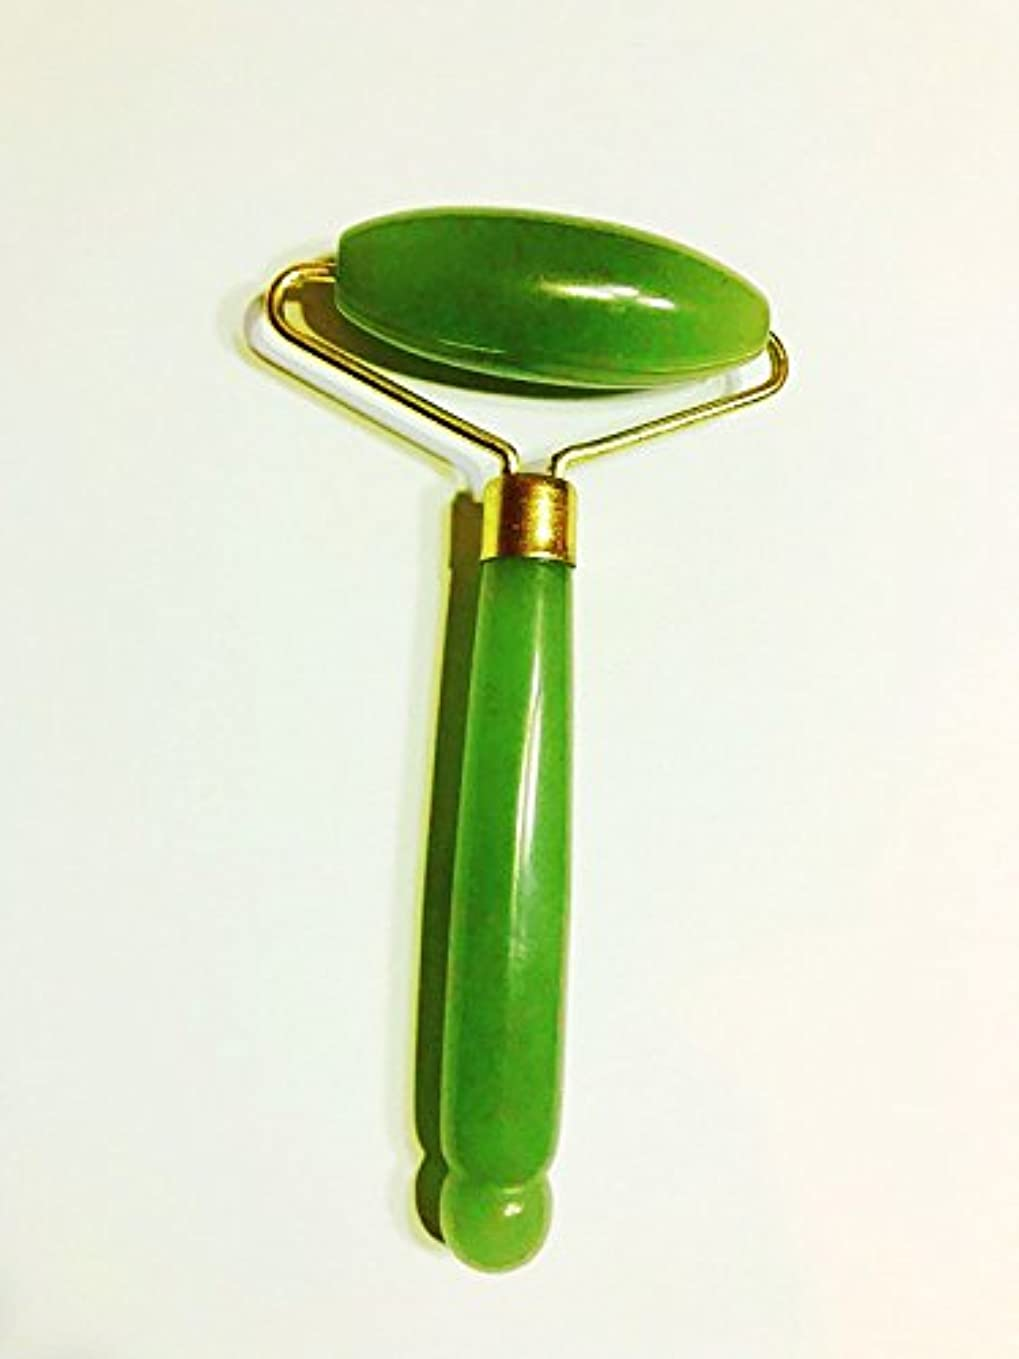 ほとんどないできればかもめEcho & Kern  グリーンアベンチュリンの美顔ローラーフェイスマッサジローラー Single head Jade Roller Spa massage tool